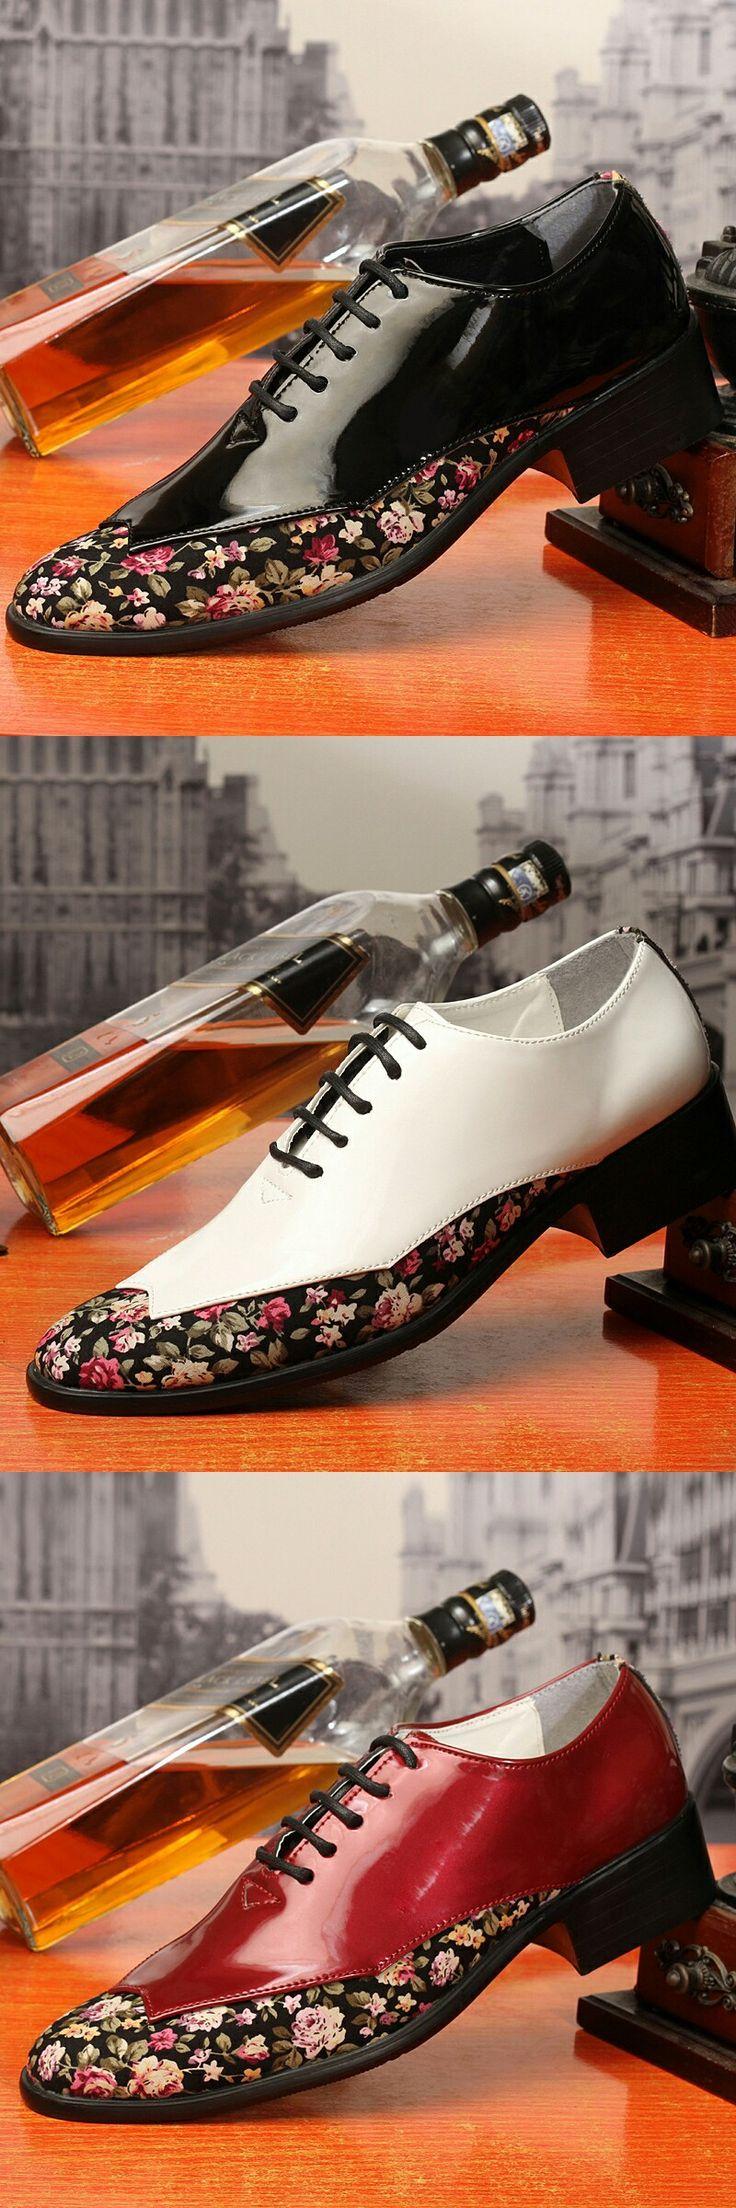 US $23.6 <Click to buy> Handsome Modern Gentlemen Formal Oxfords Wingtip Brogue